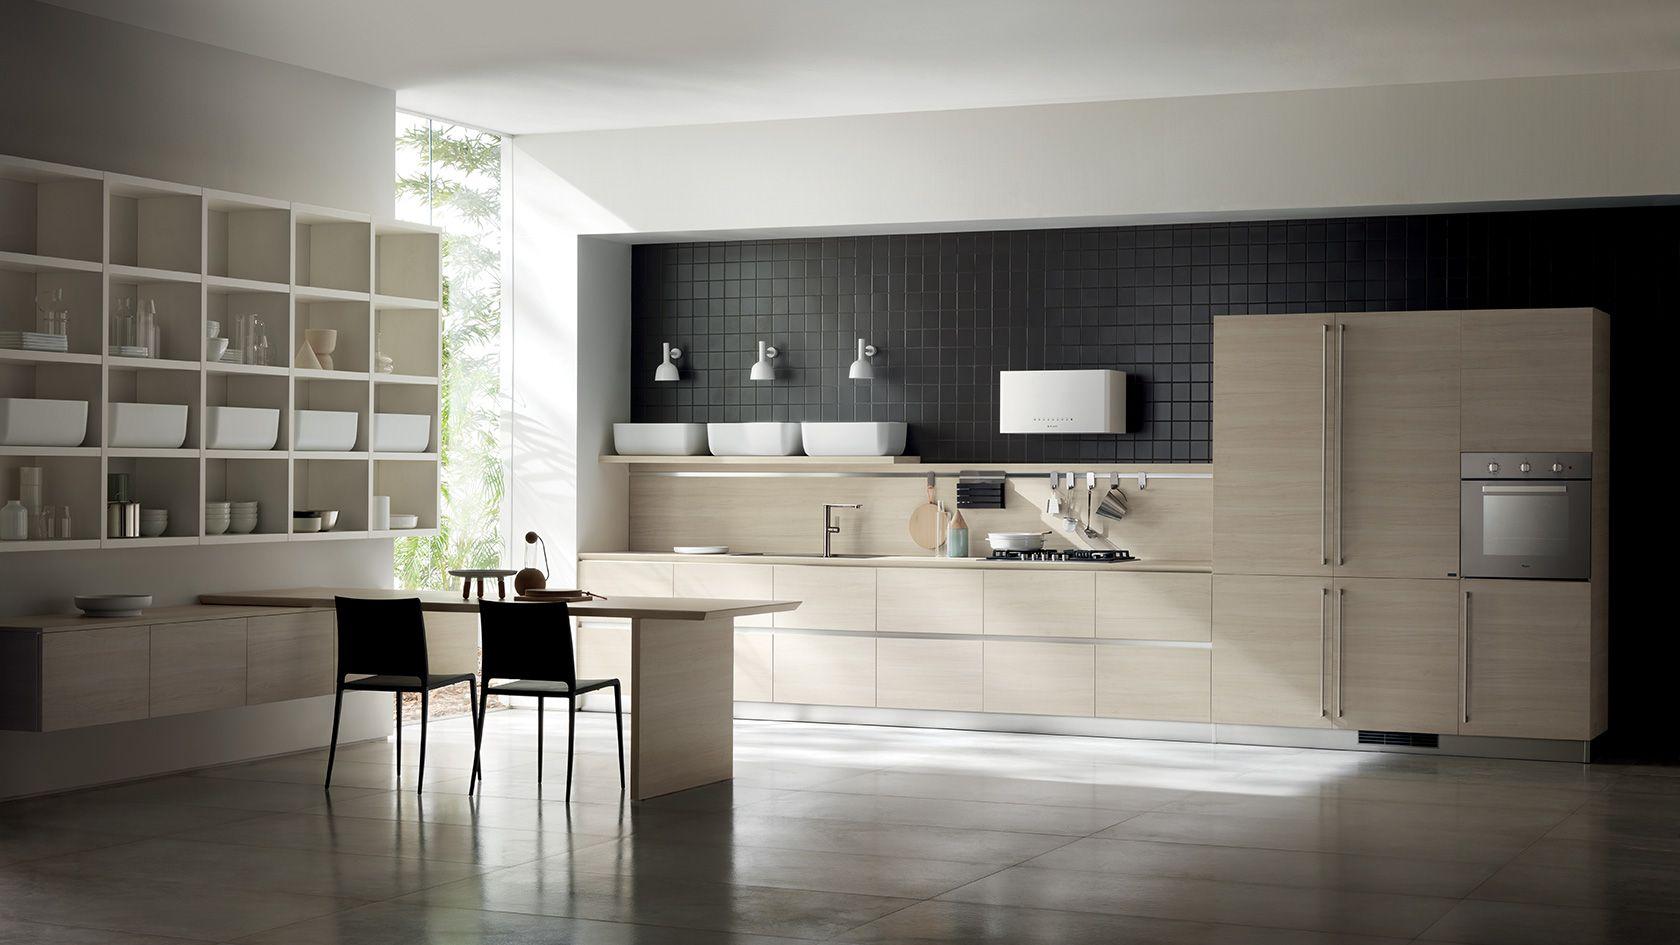 Sito Per Progettare Casa cucina ki   sito ufficiale scavolini   modern kitchen design